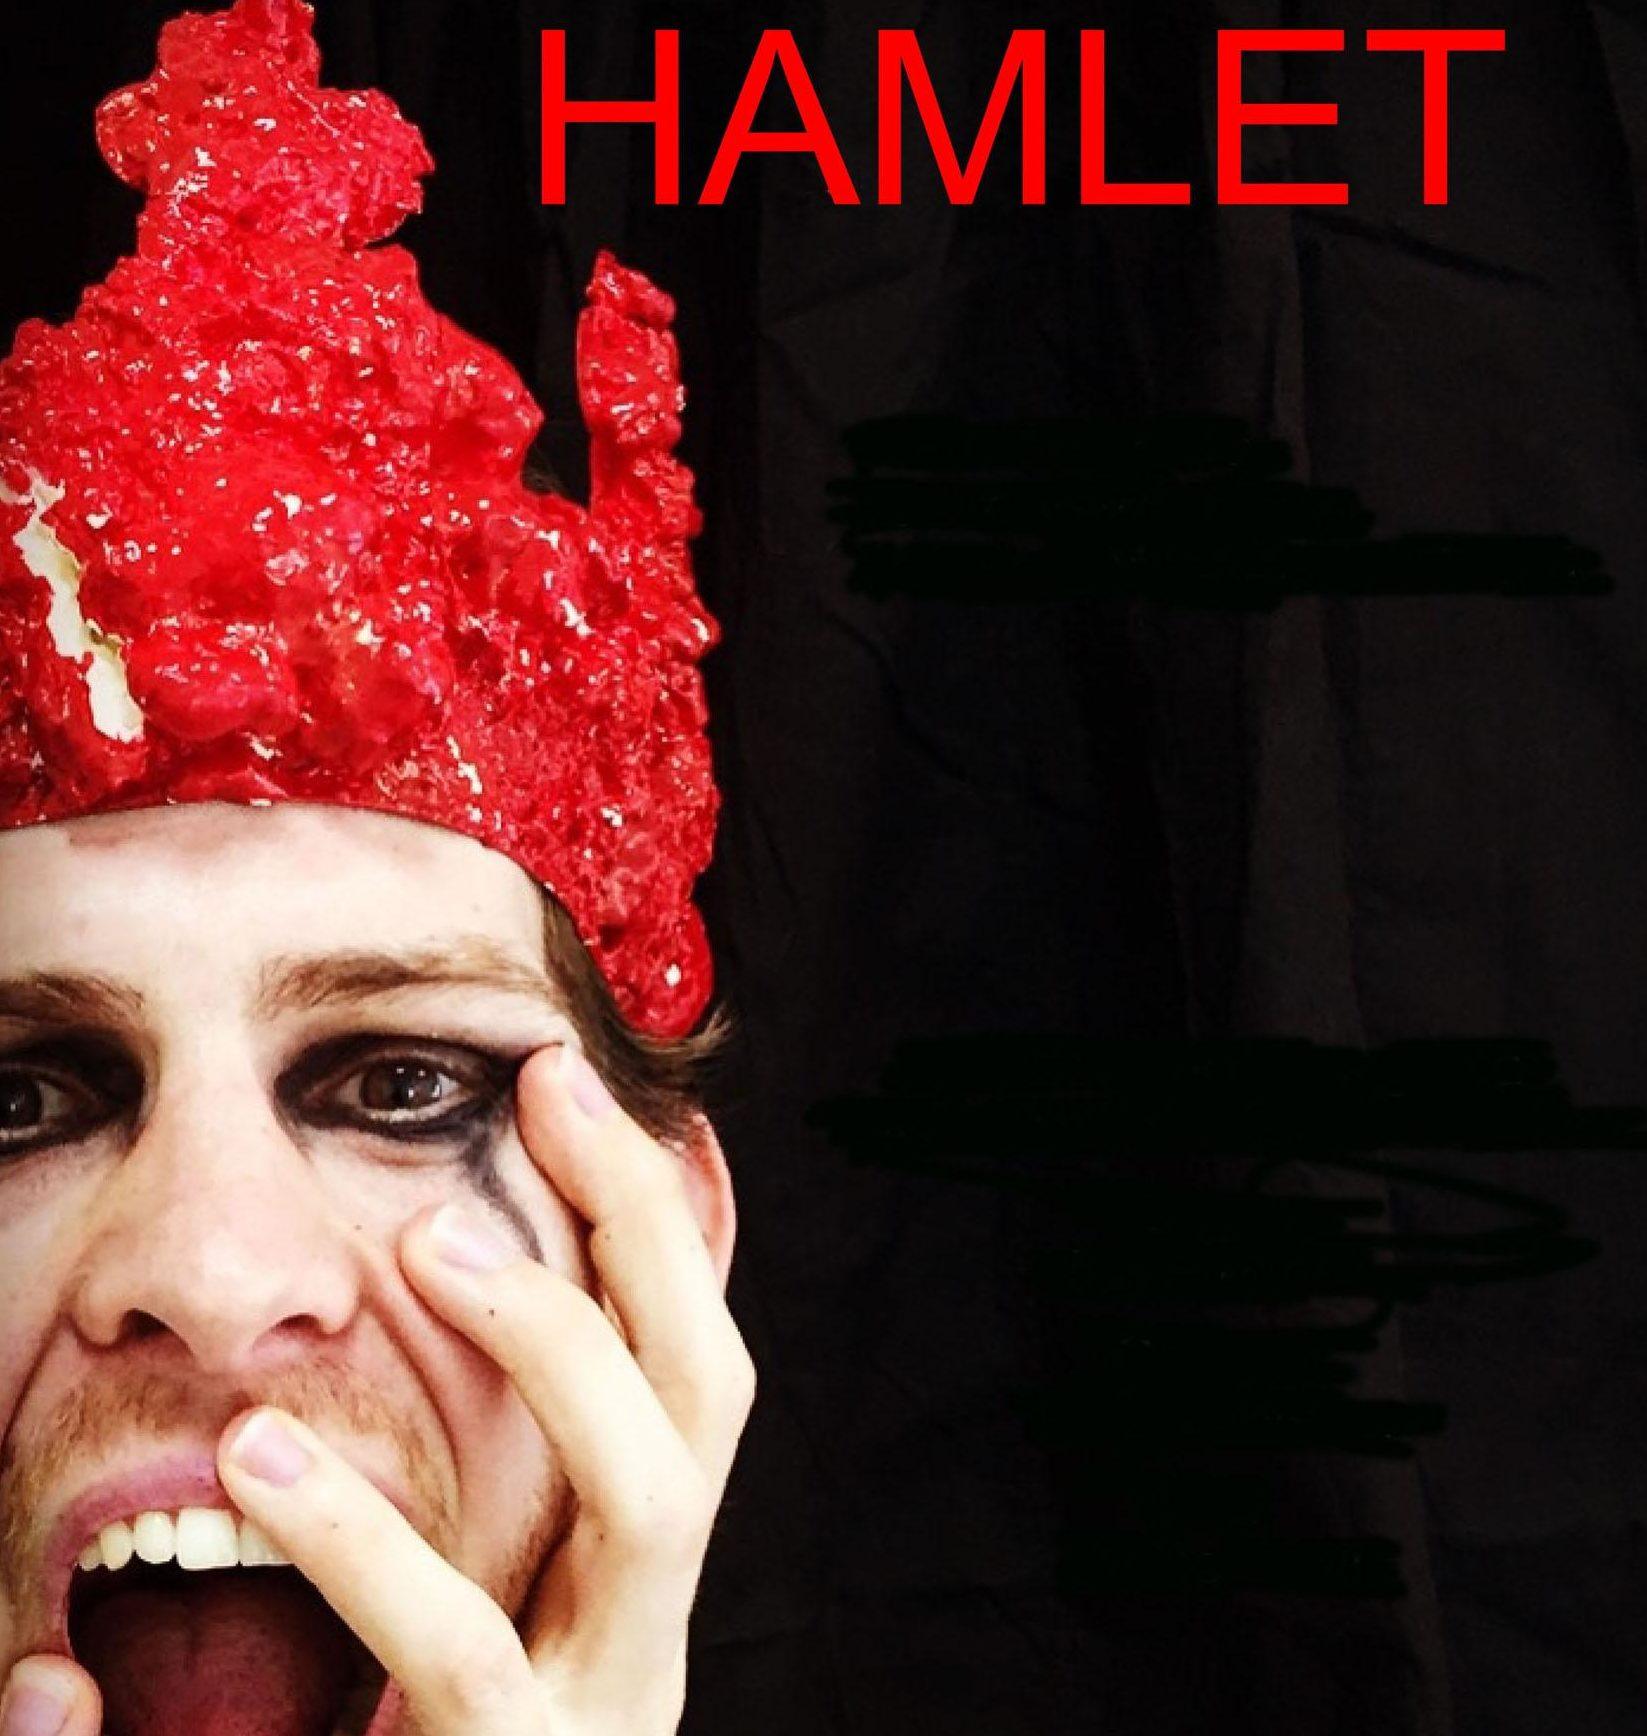 Debutta, in prima assoluta, HAMLET, la nuova coreografia di Walter Matteini e Ina Broeckx, interpretata dai versatili danzatori della Imperfect Dancers Company